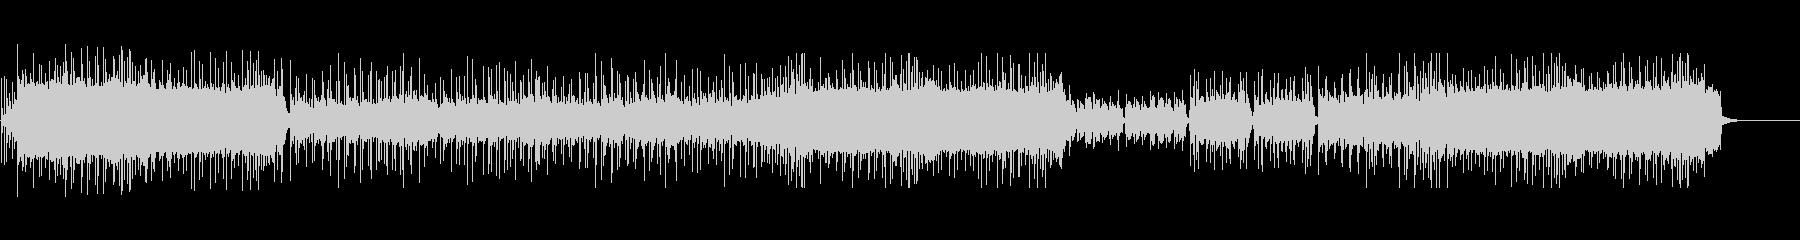 エモーショナルなギターロックの未再生の波形